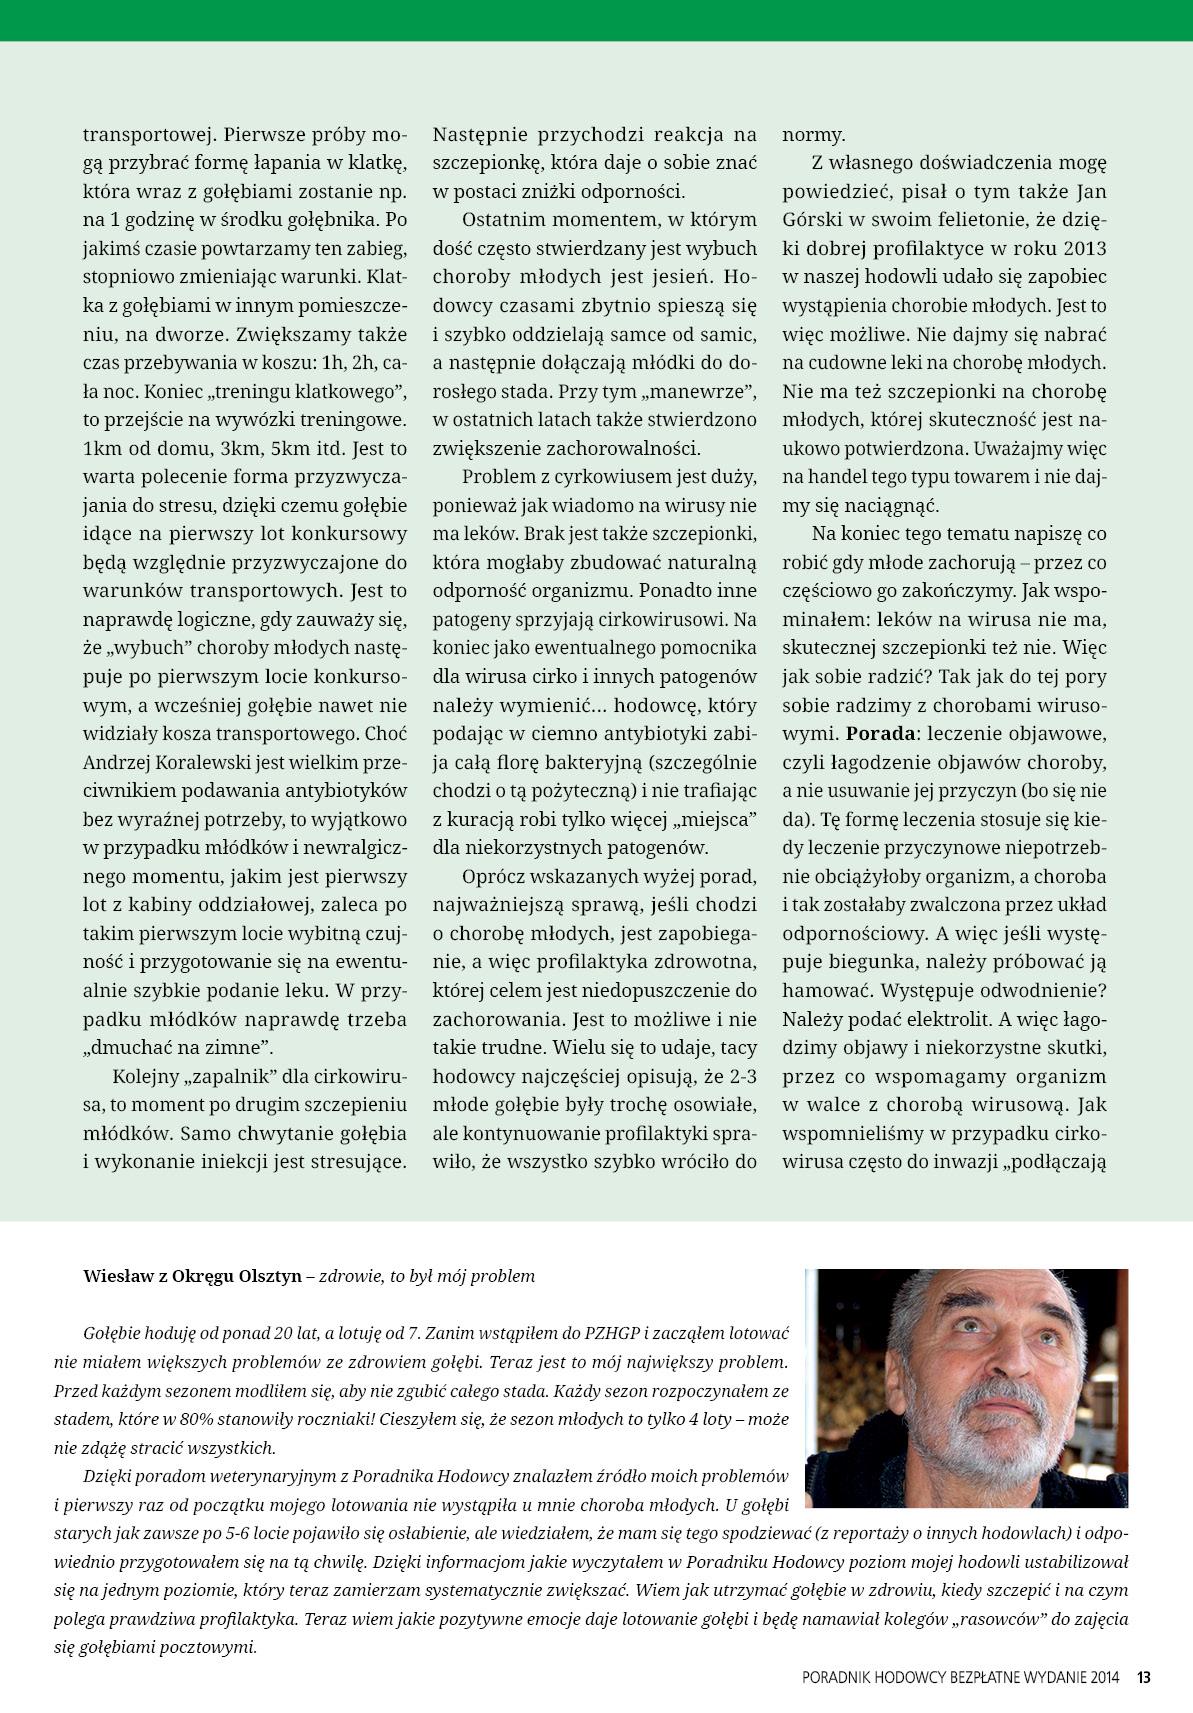 Darmowy numer specjalny Poradnika Hodowcy 2014 - strona 13